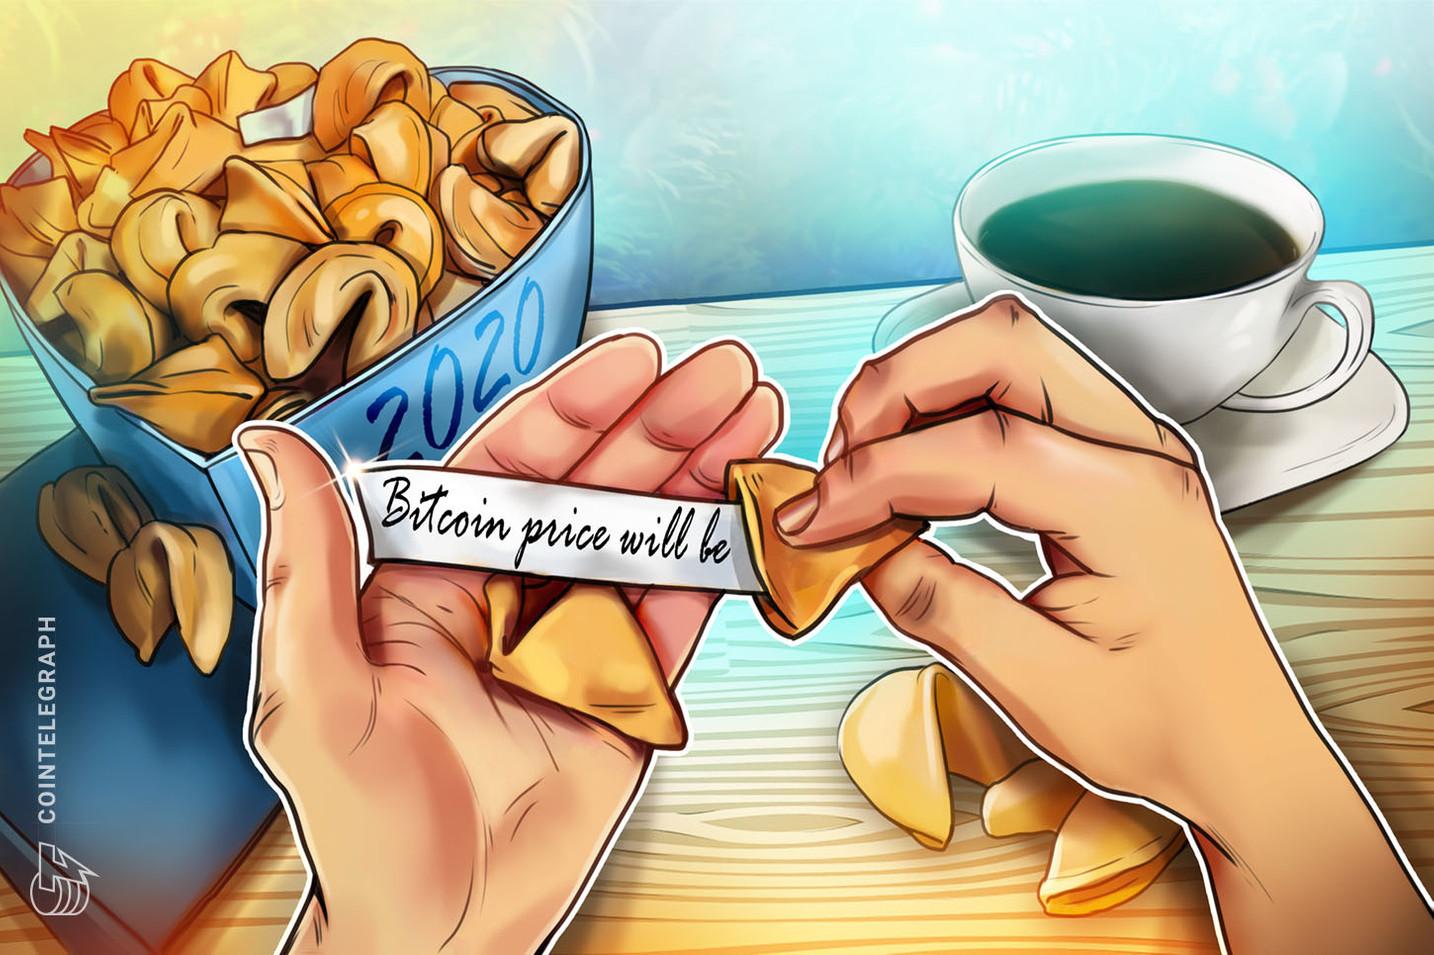 Pronóstico Bitcoin: ¿Cuál será el precio de bitcoin en 2020 según los expertos?